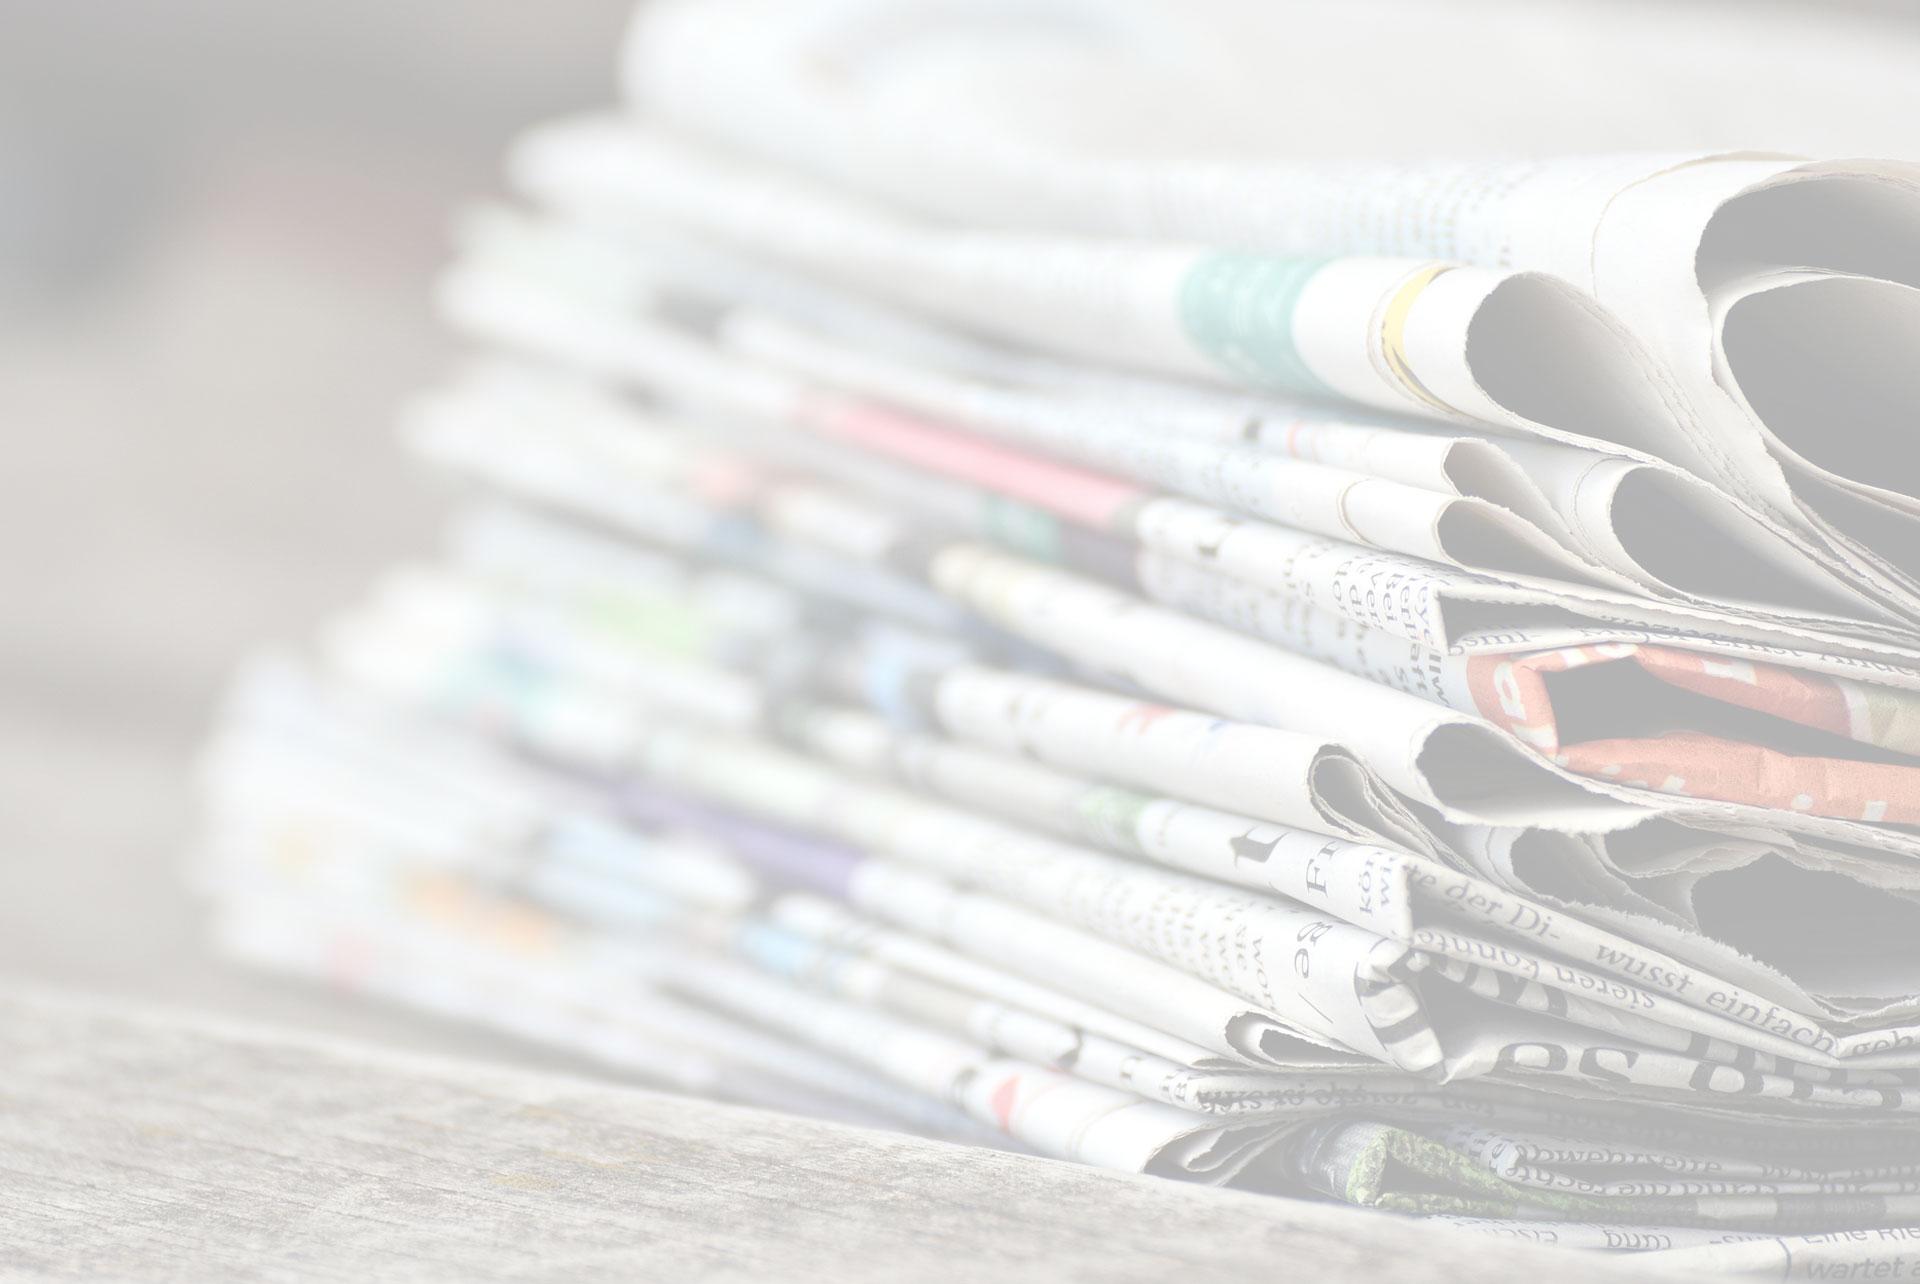 Milan, 1980/1981